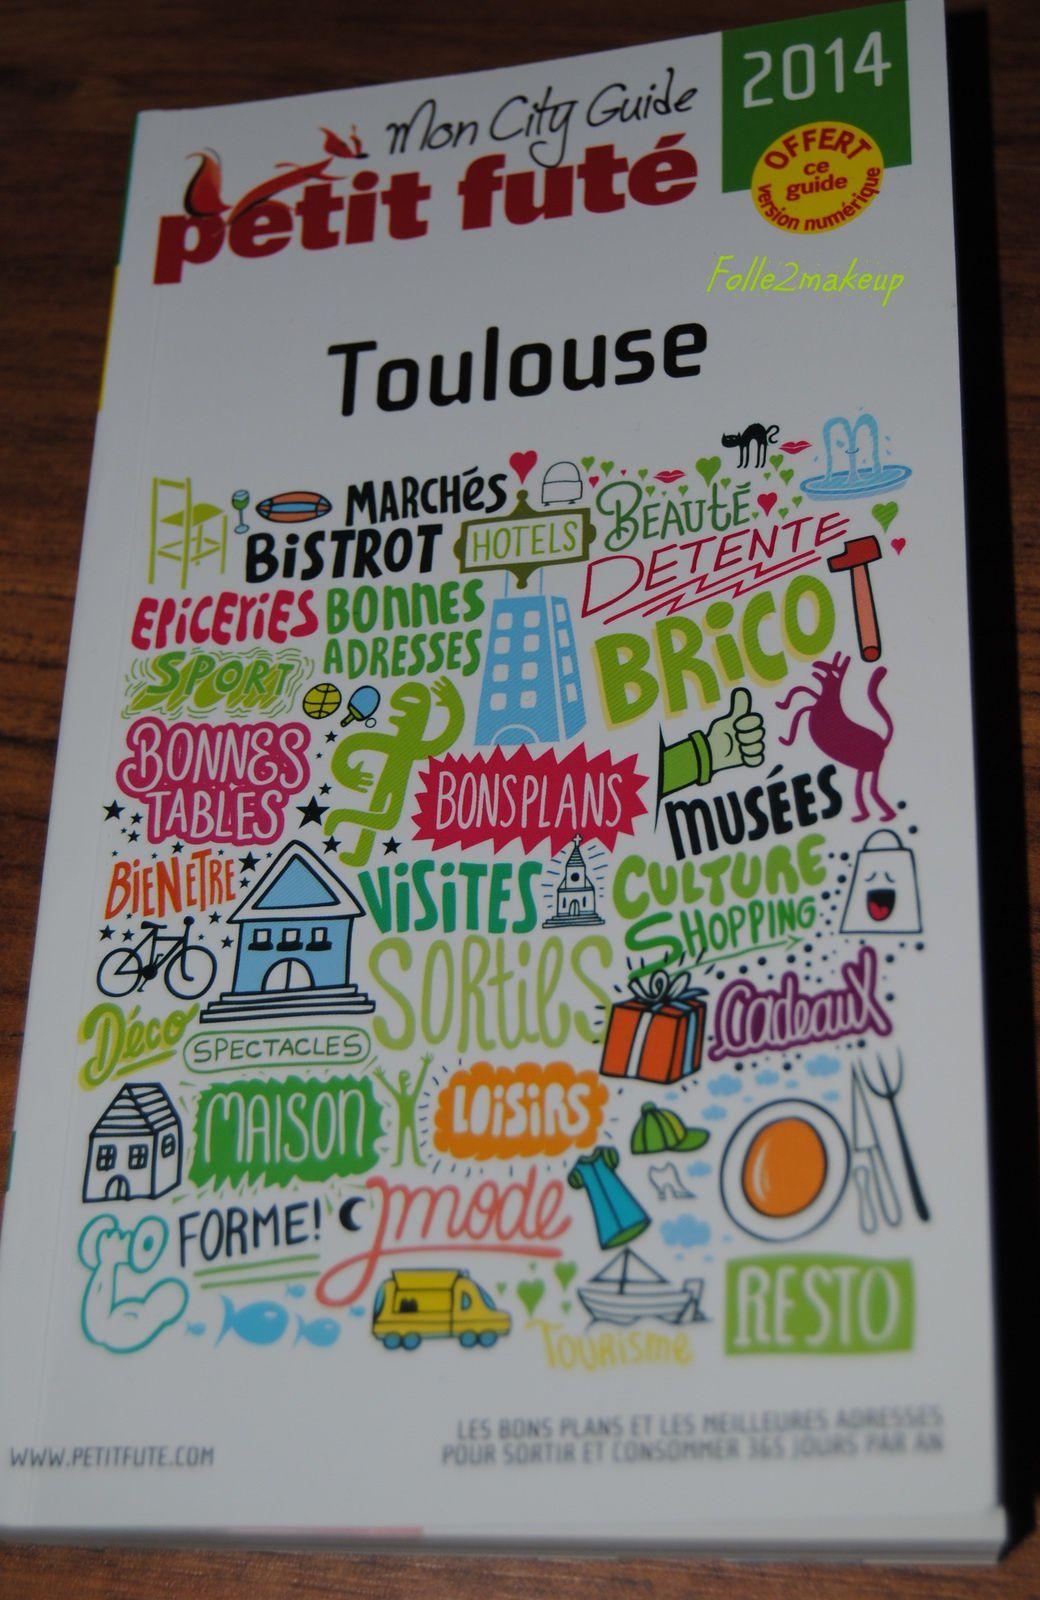 Mon city guide PETIT FUTE de Toulouse 6.95€